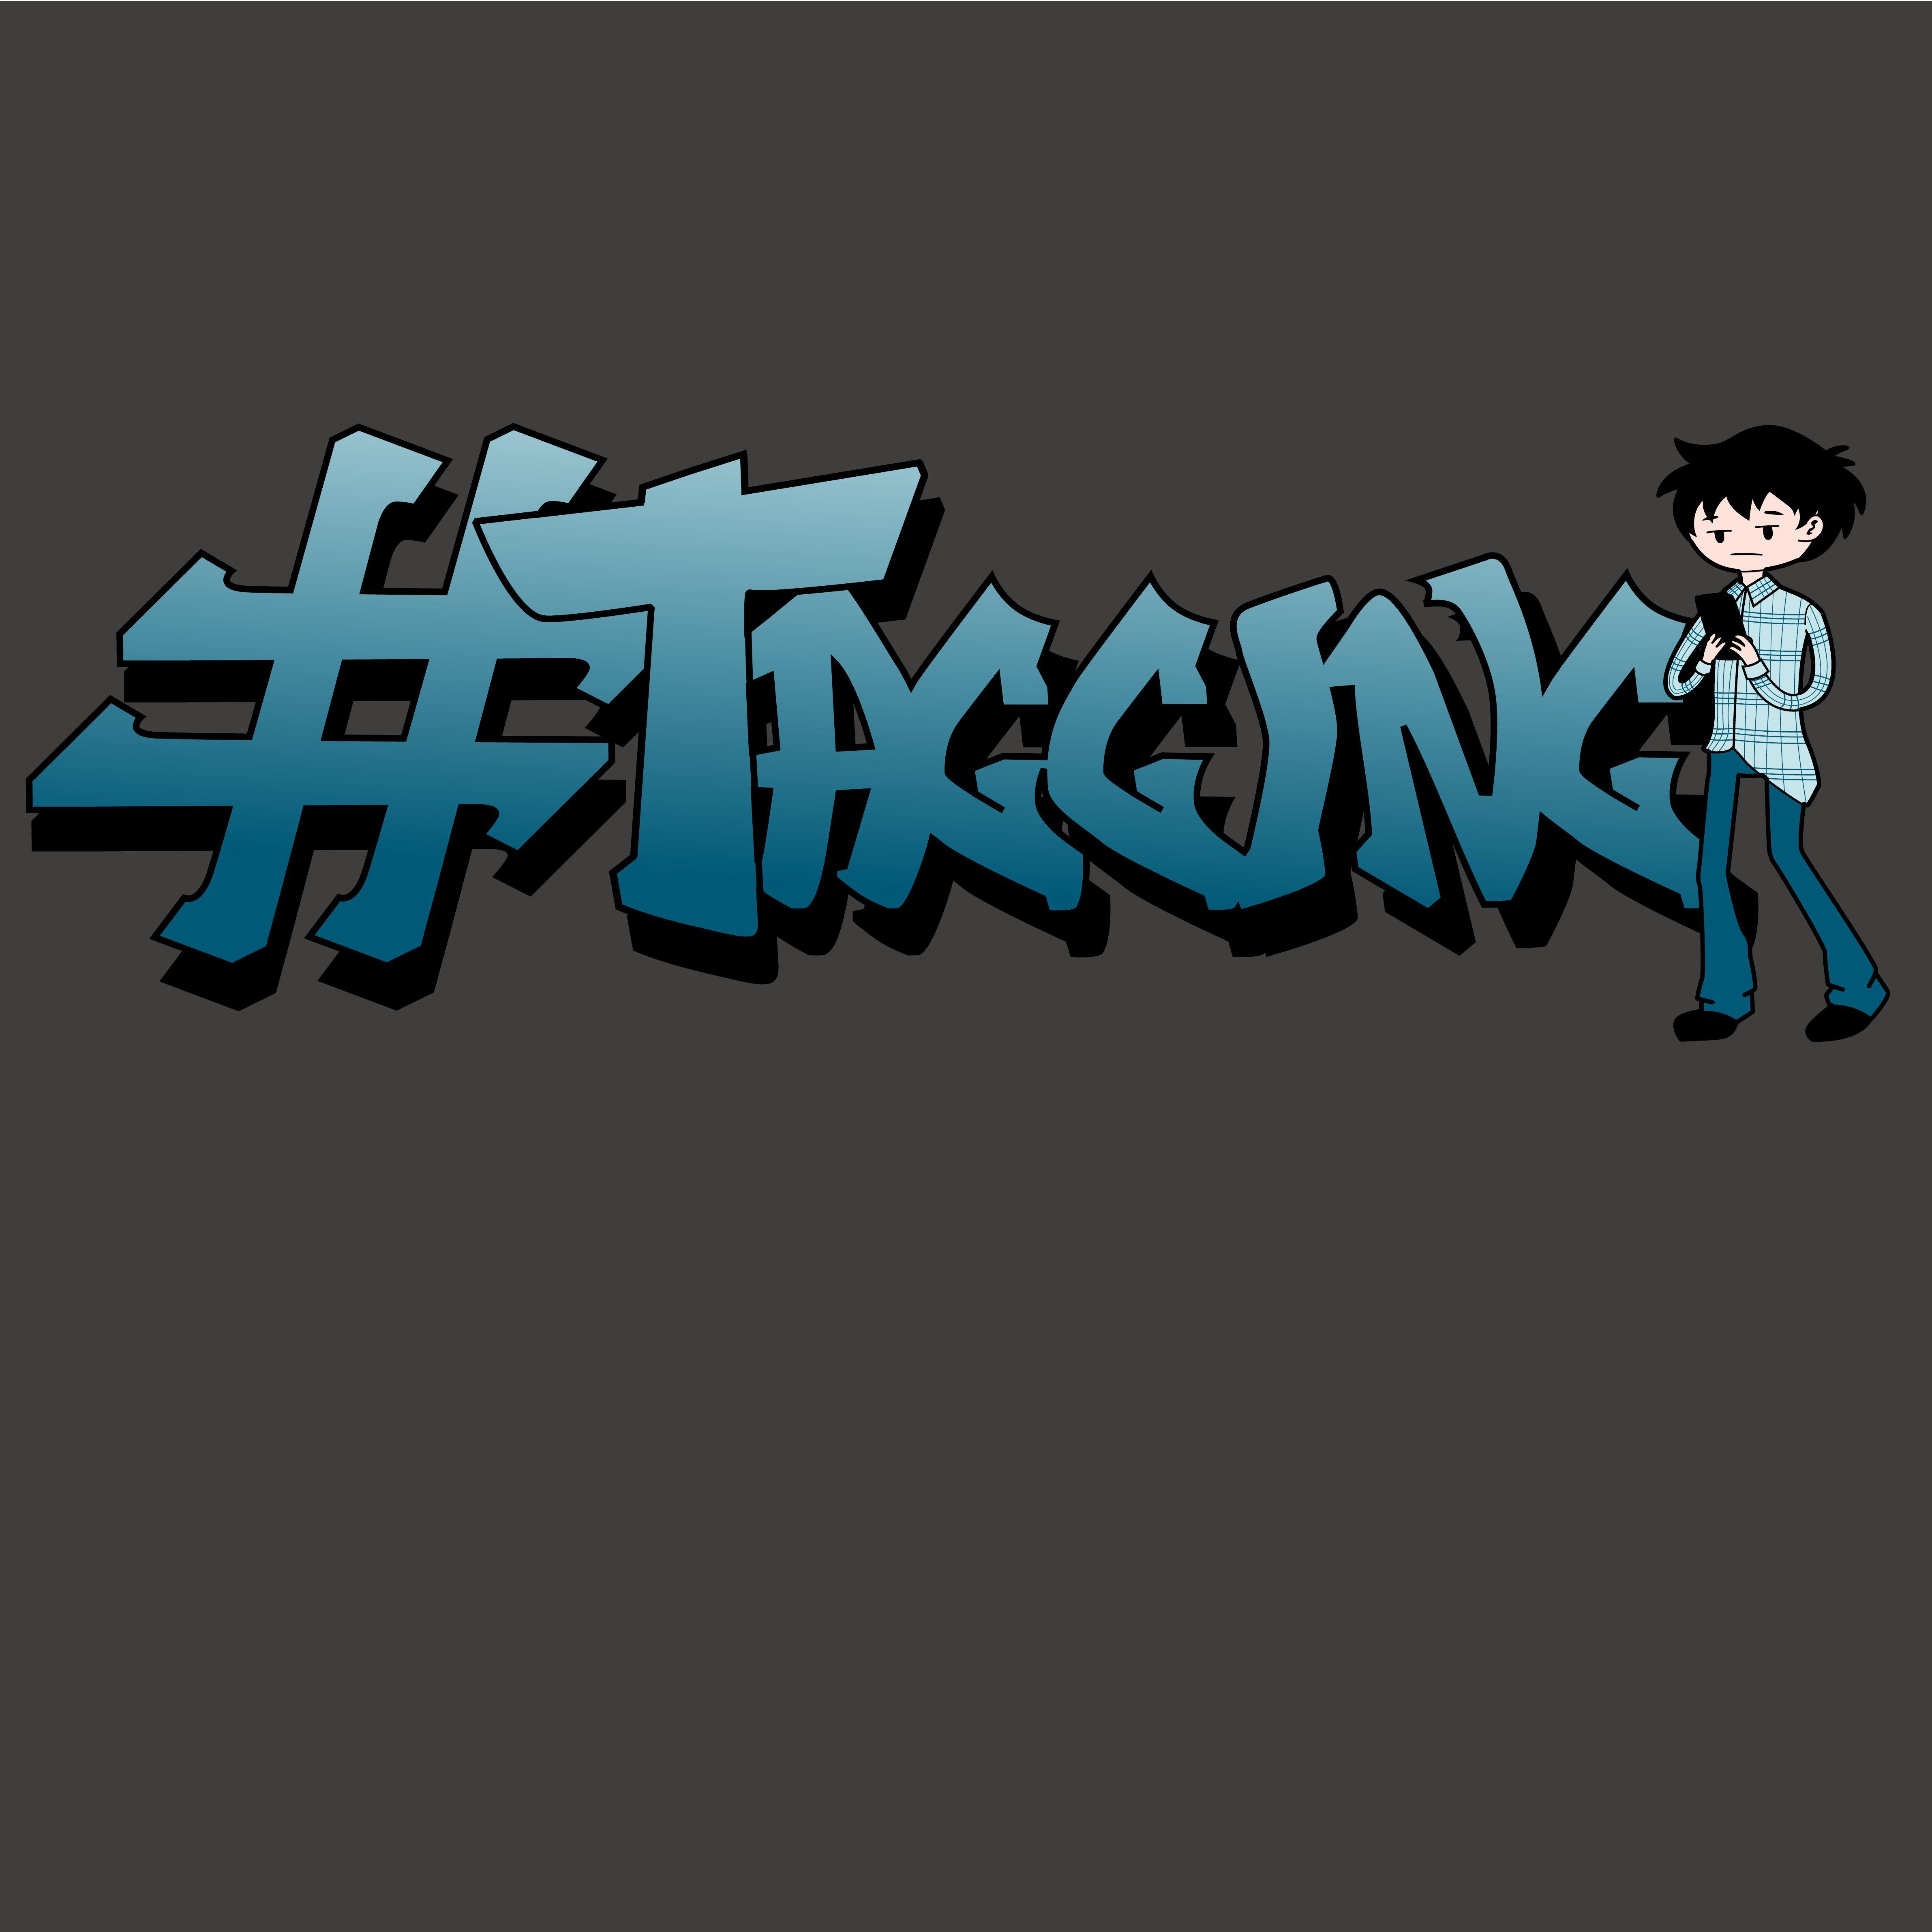 #Tagging